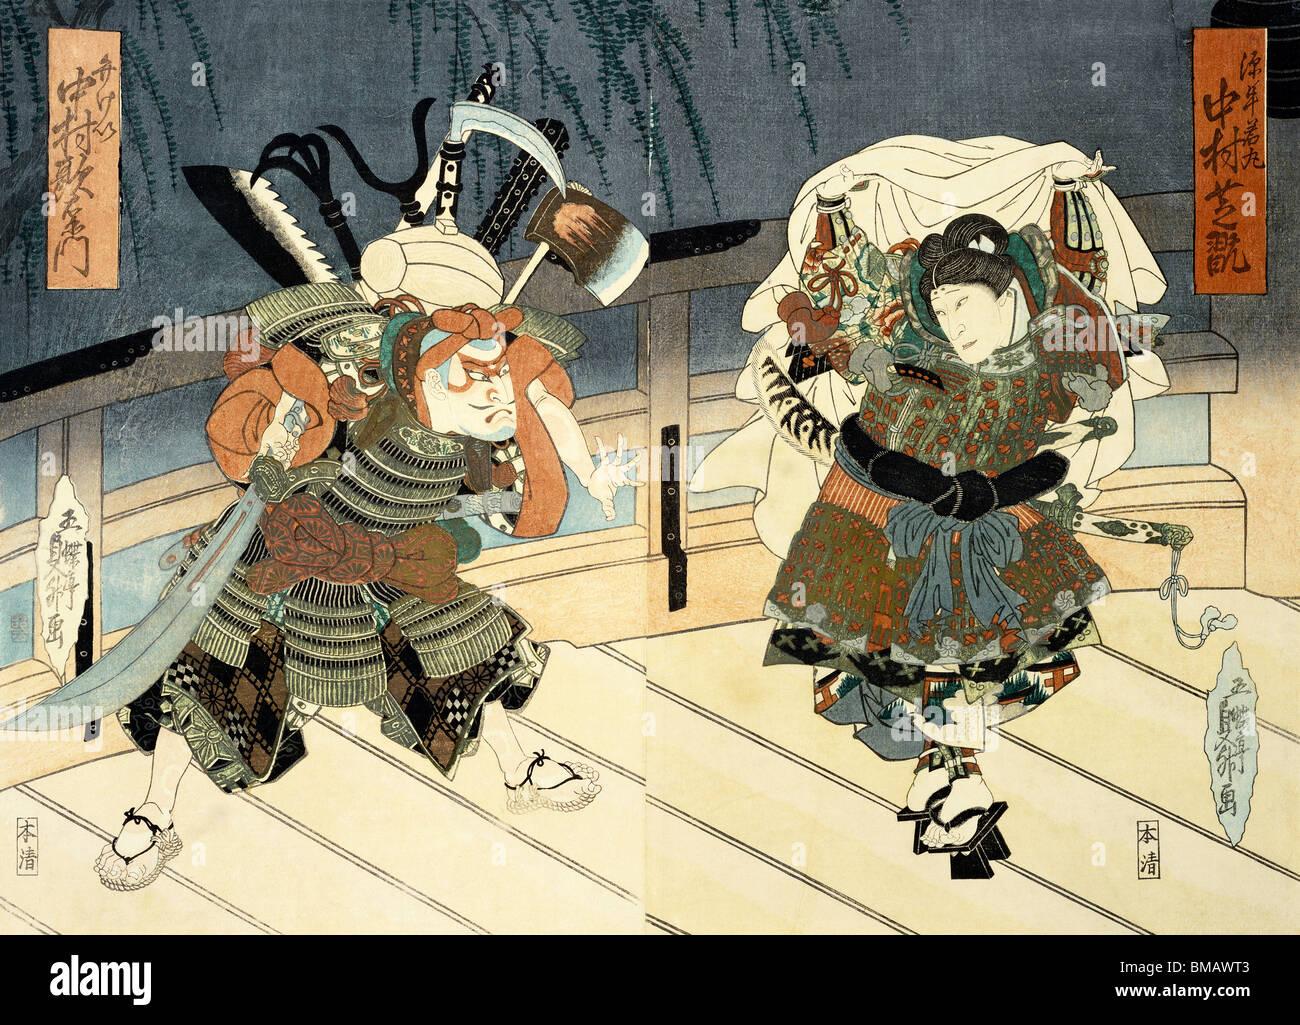 Zwei Akteure in der Leistung von Utagawa Kunimasu. Holzschnitt drucken. Japan, 1837. Stockbild